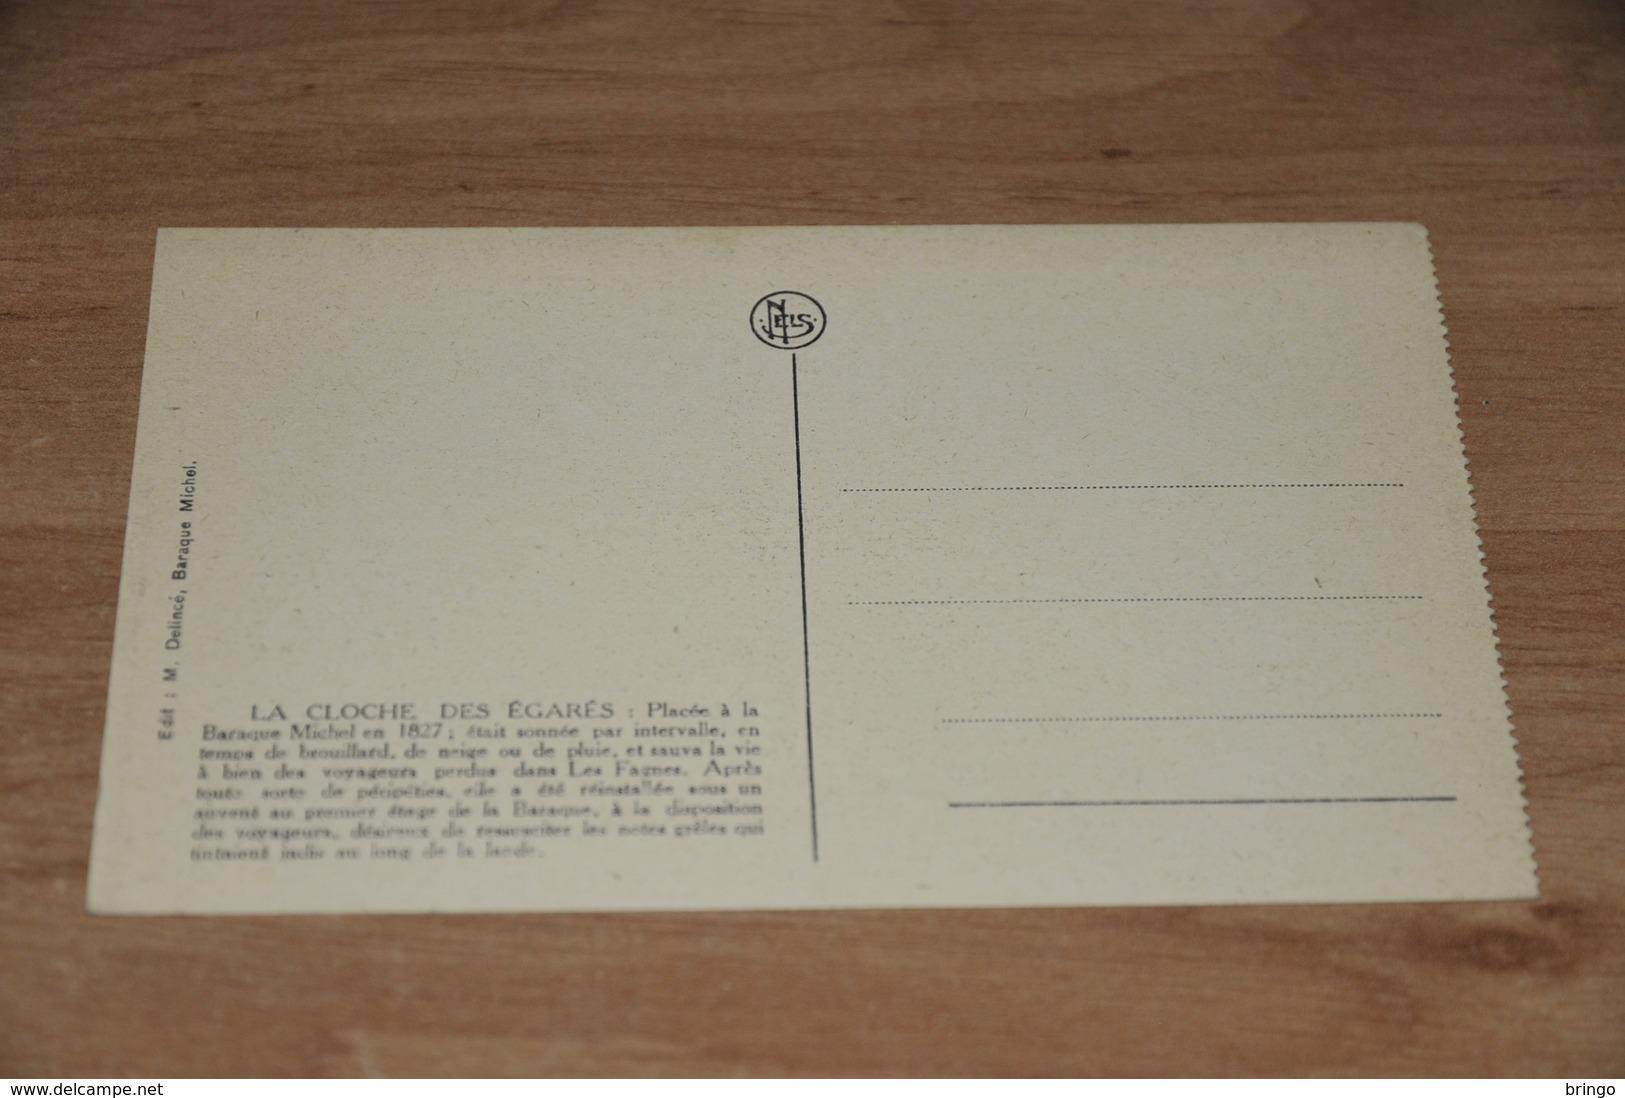 9564-    LES FAGNES, CLOCHE DE LA BARAQUE MICHEL - Jalhay